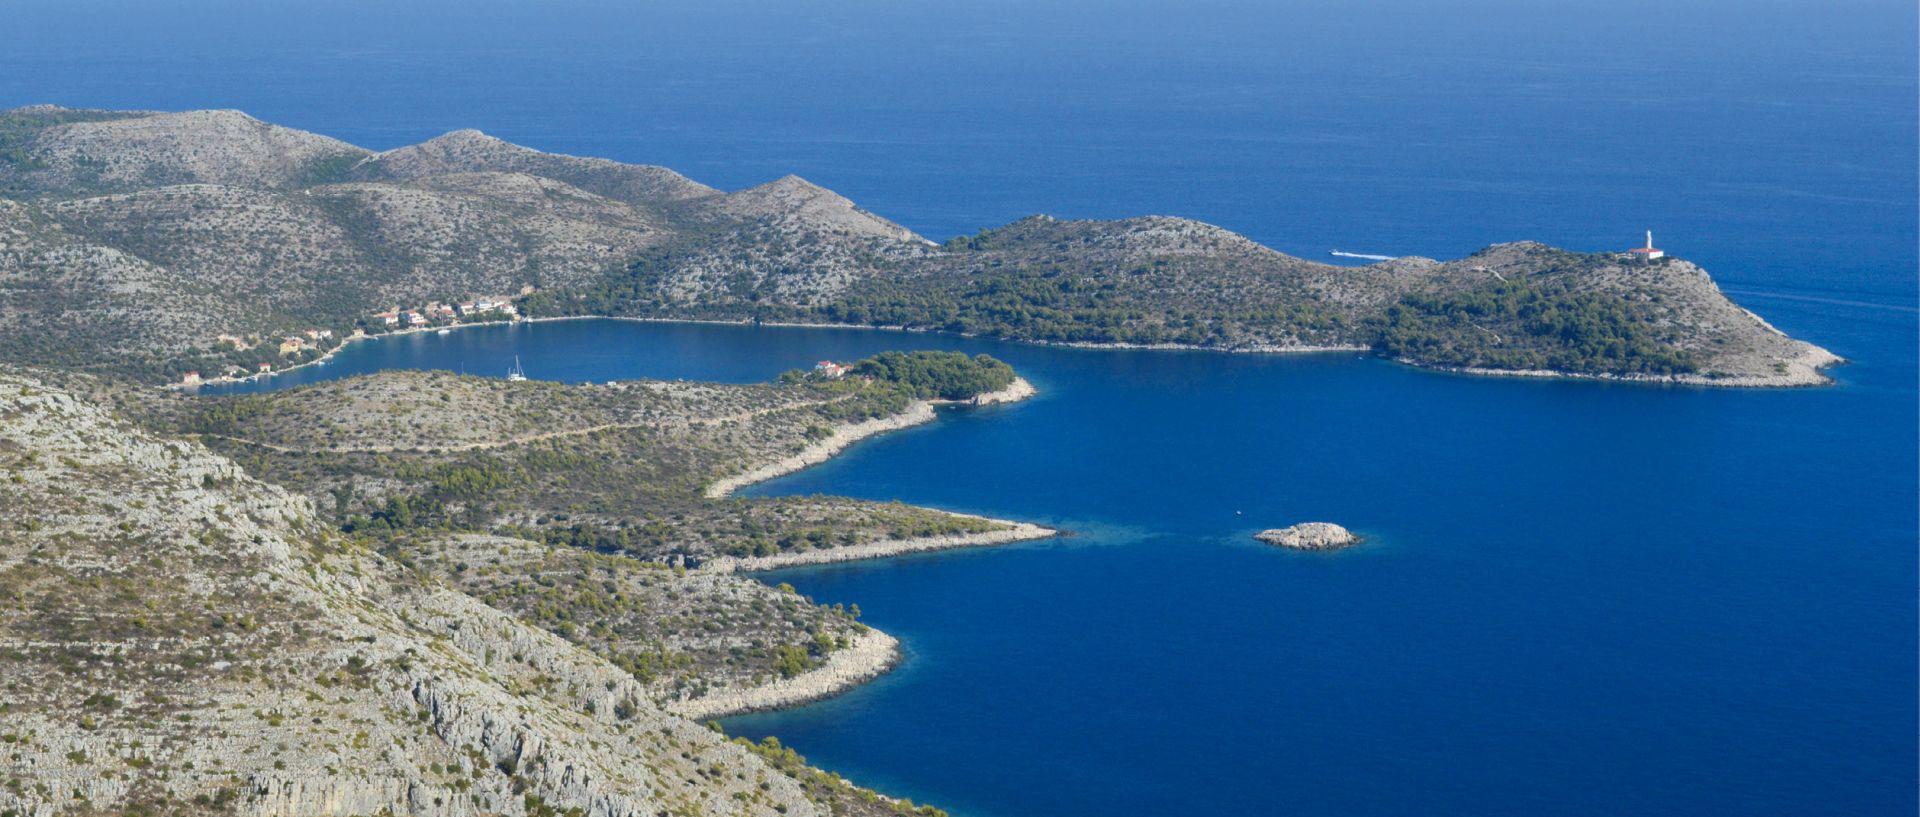 'Lastovo treba hitnu akciju ili će otok izumrijeti'